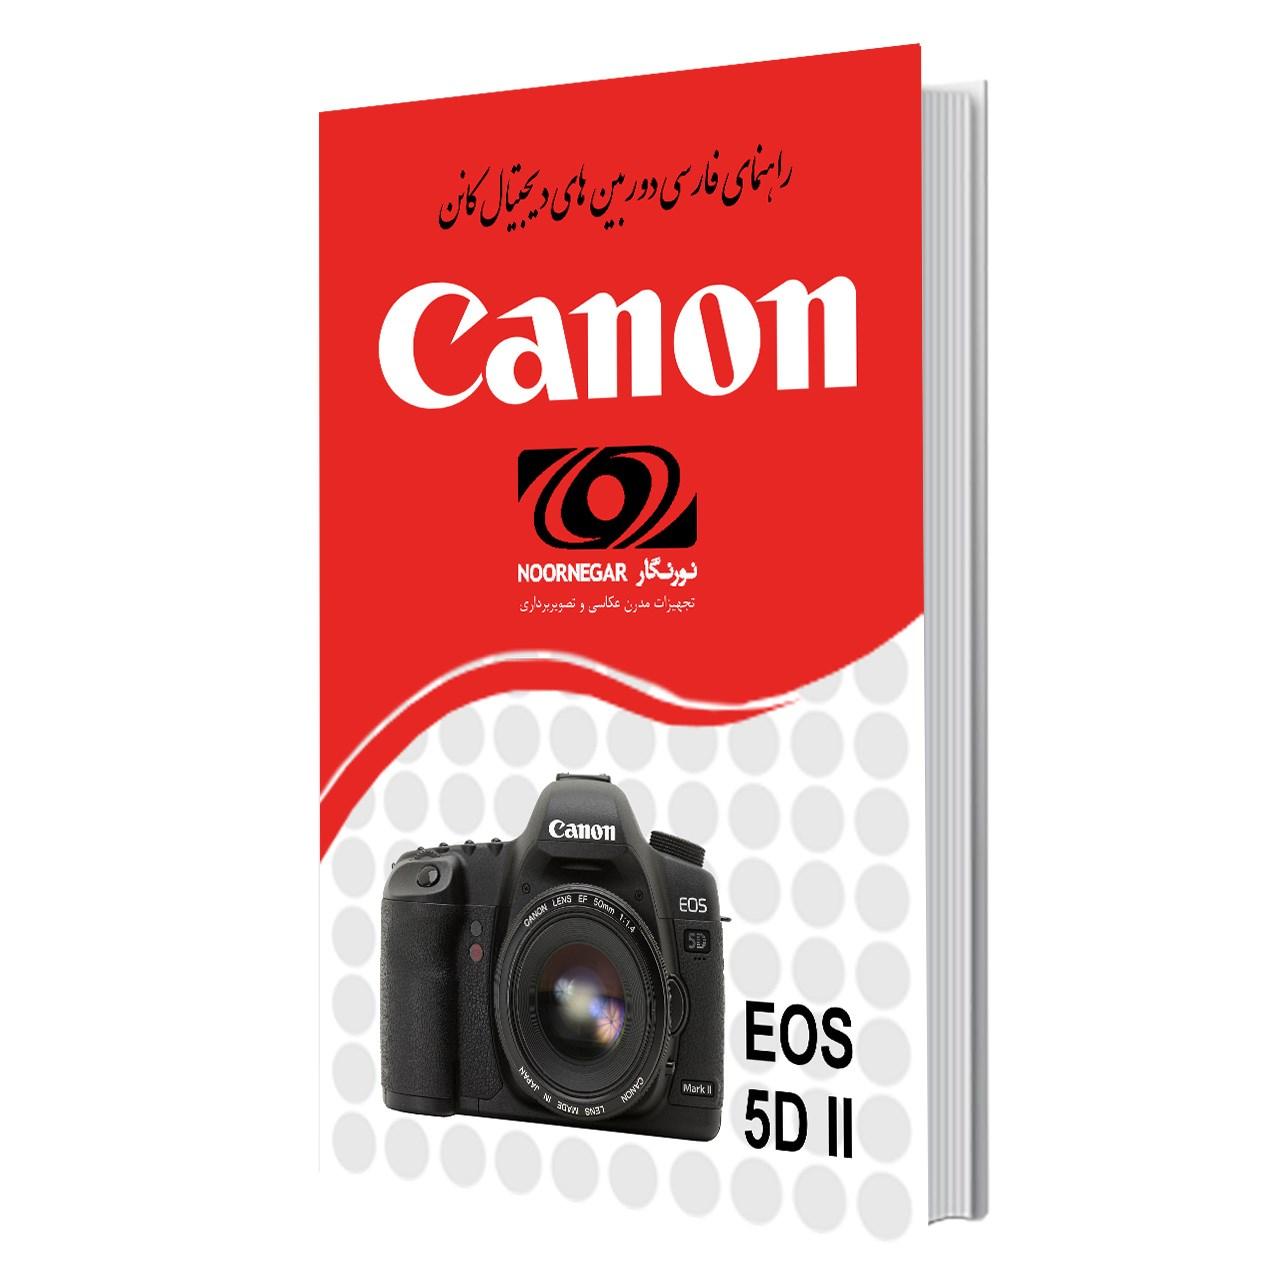 بررسی و {خرید با تخفیف} کتاب راهنمای فارسی دوربین کانن EOS 5D MarkII اصل